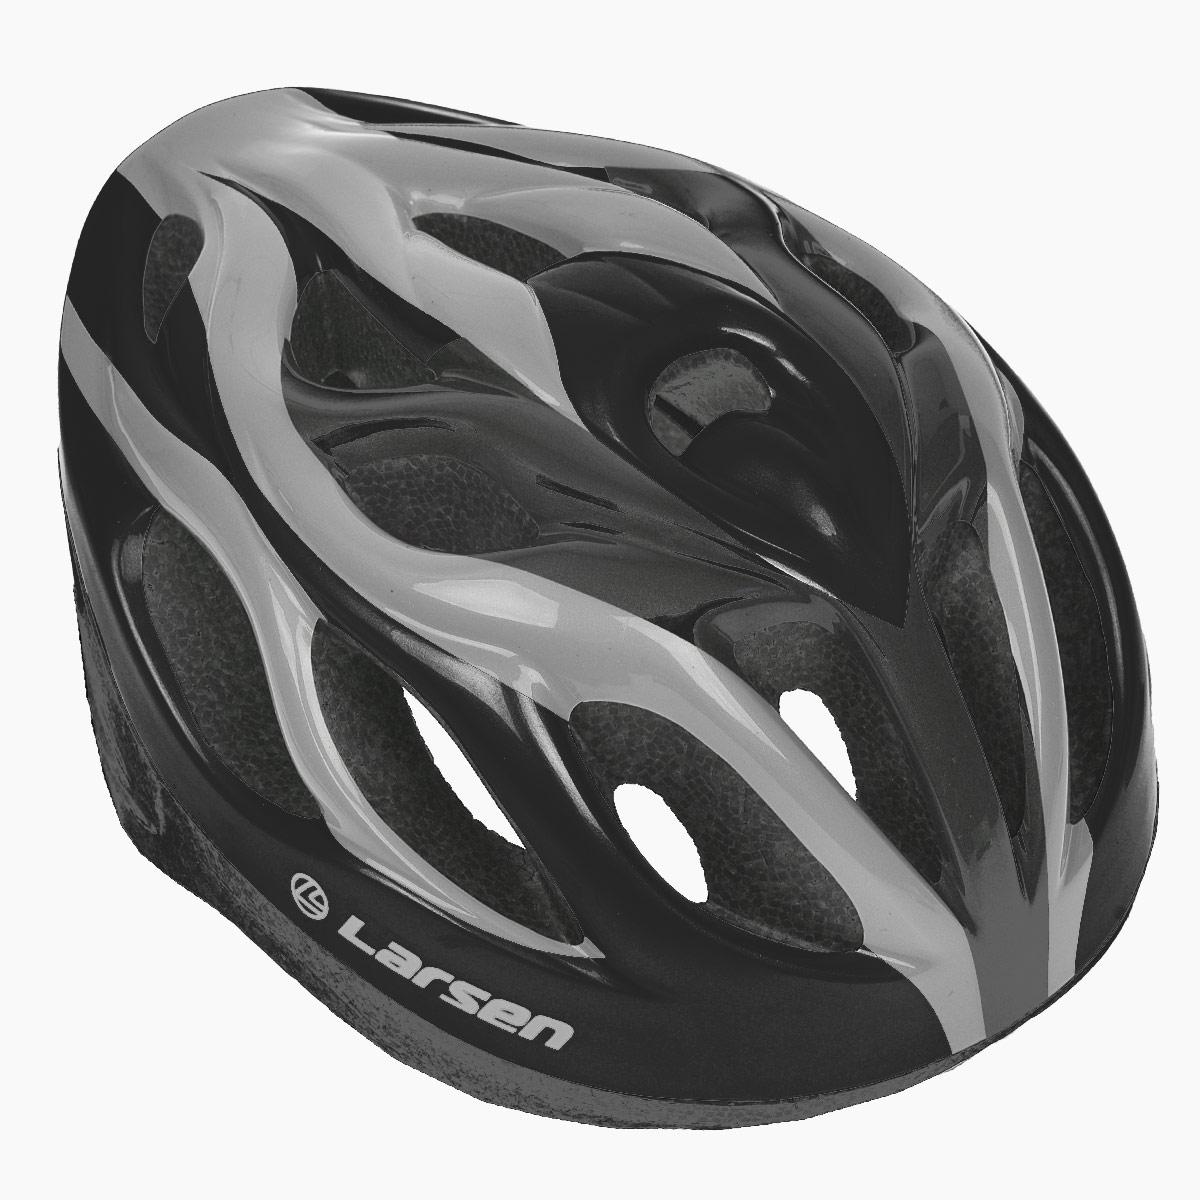 Шлем роликовый Larsen H3BW, цвет: черный, серебристый. Размер L (54-57 см)202511Надежный роликовый шлем Larsen H3BW сделает ваш активный отдых безопасным.Шлем выполнен из прочного пластика и отлично защищает от травм. Внутренняя сторона шлема оснащена мягкими текстильными накладками, которые обеспечивают надежное прилегание шлема и комфорт при использовании. Шлем имеет систему систему вентиляции. Он отлично сядет по голове, благодаря регулируемым ремешкам и практичному механическому регулятору.Роликовый шлем станет незаменимым дополнением для полноценного летнего отдыха и занятия активными видами спорта.